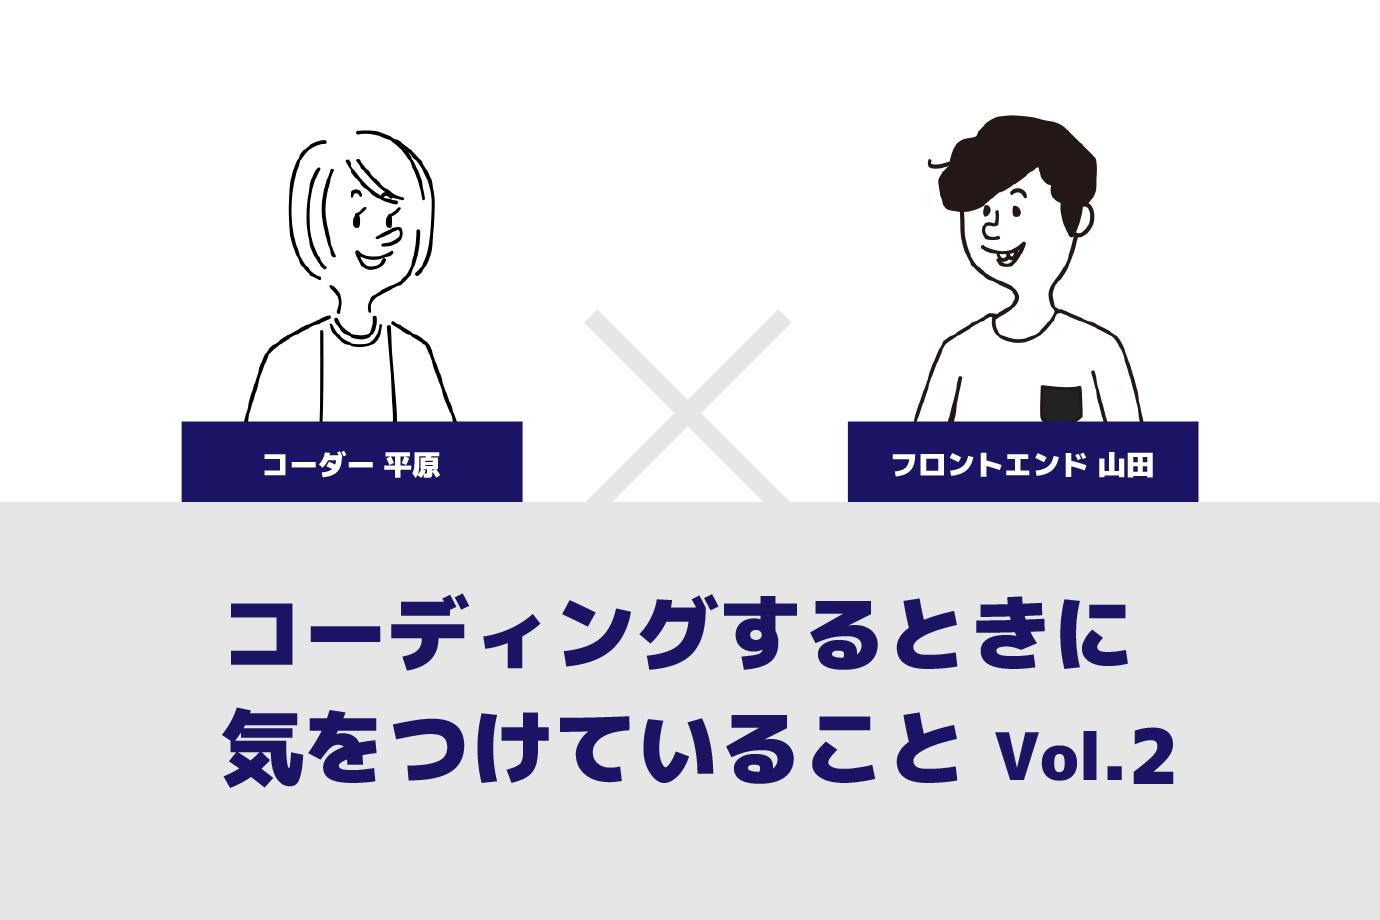 フロントエンド山田 × コーダー平原『コーディングするときに気をつけていること』Vol.2